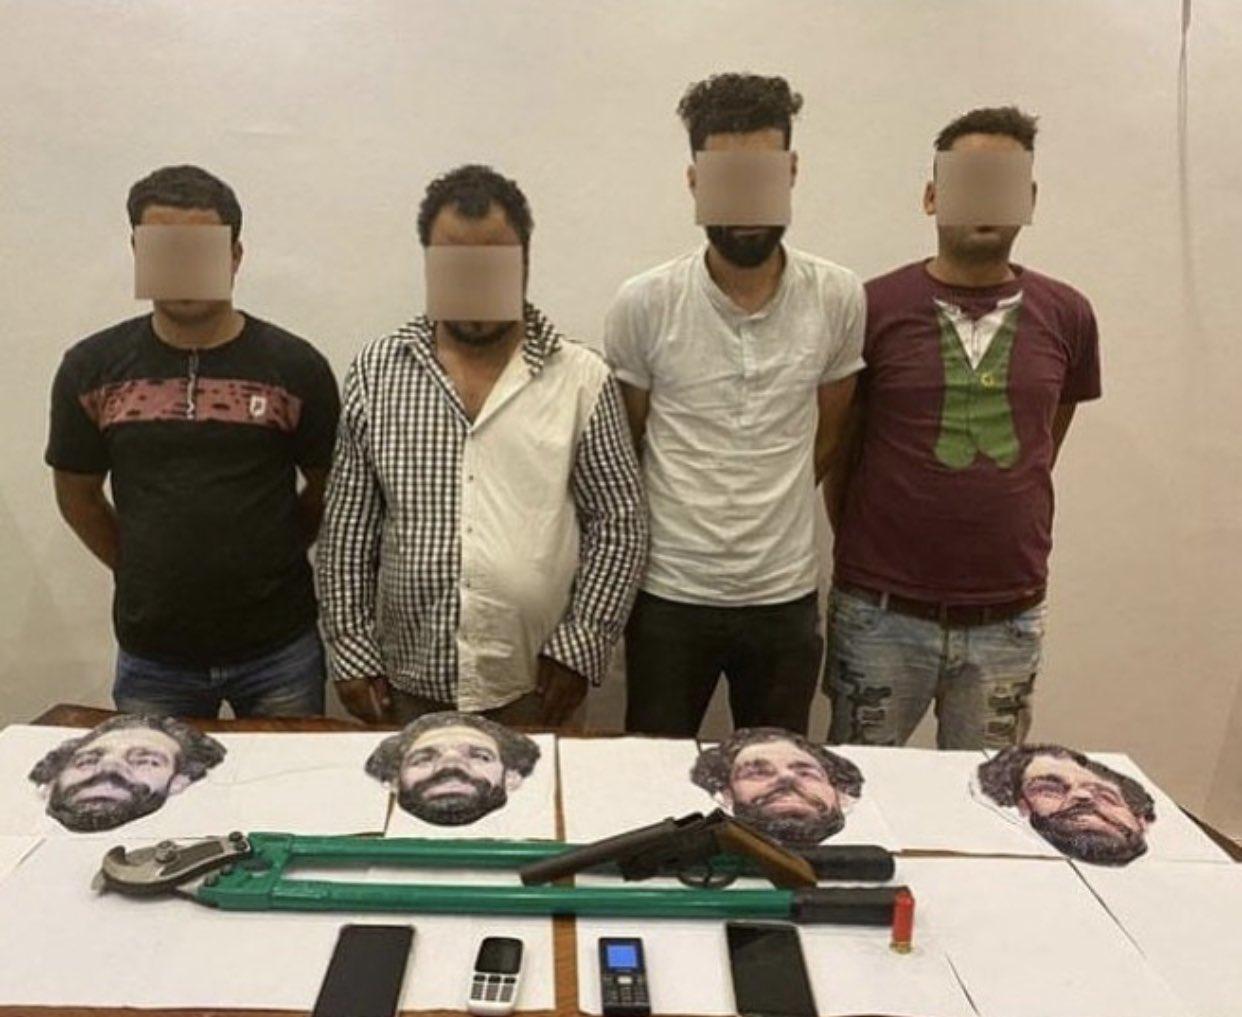 Hài hước Băng cướp Ai Cập đeo mặt nạ Salah đúng chuẩn… Money Heist hình ảnh gốc 2